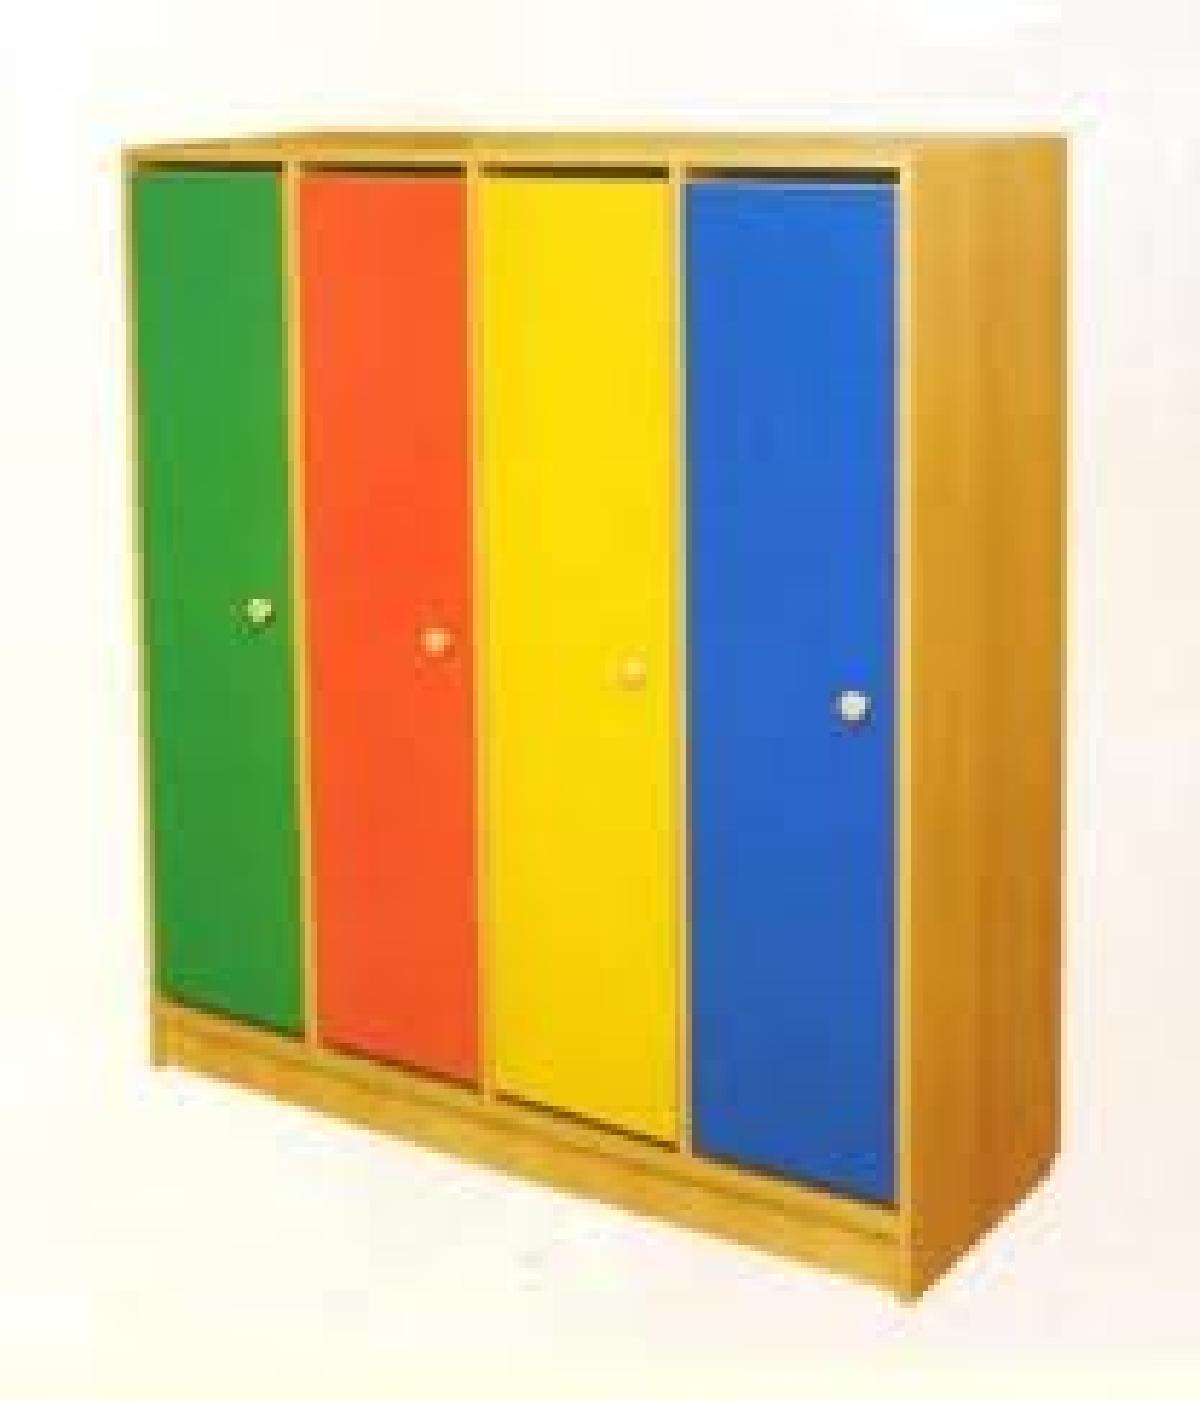 Выбираем шкафчики в детский сад правильно.